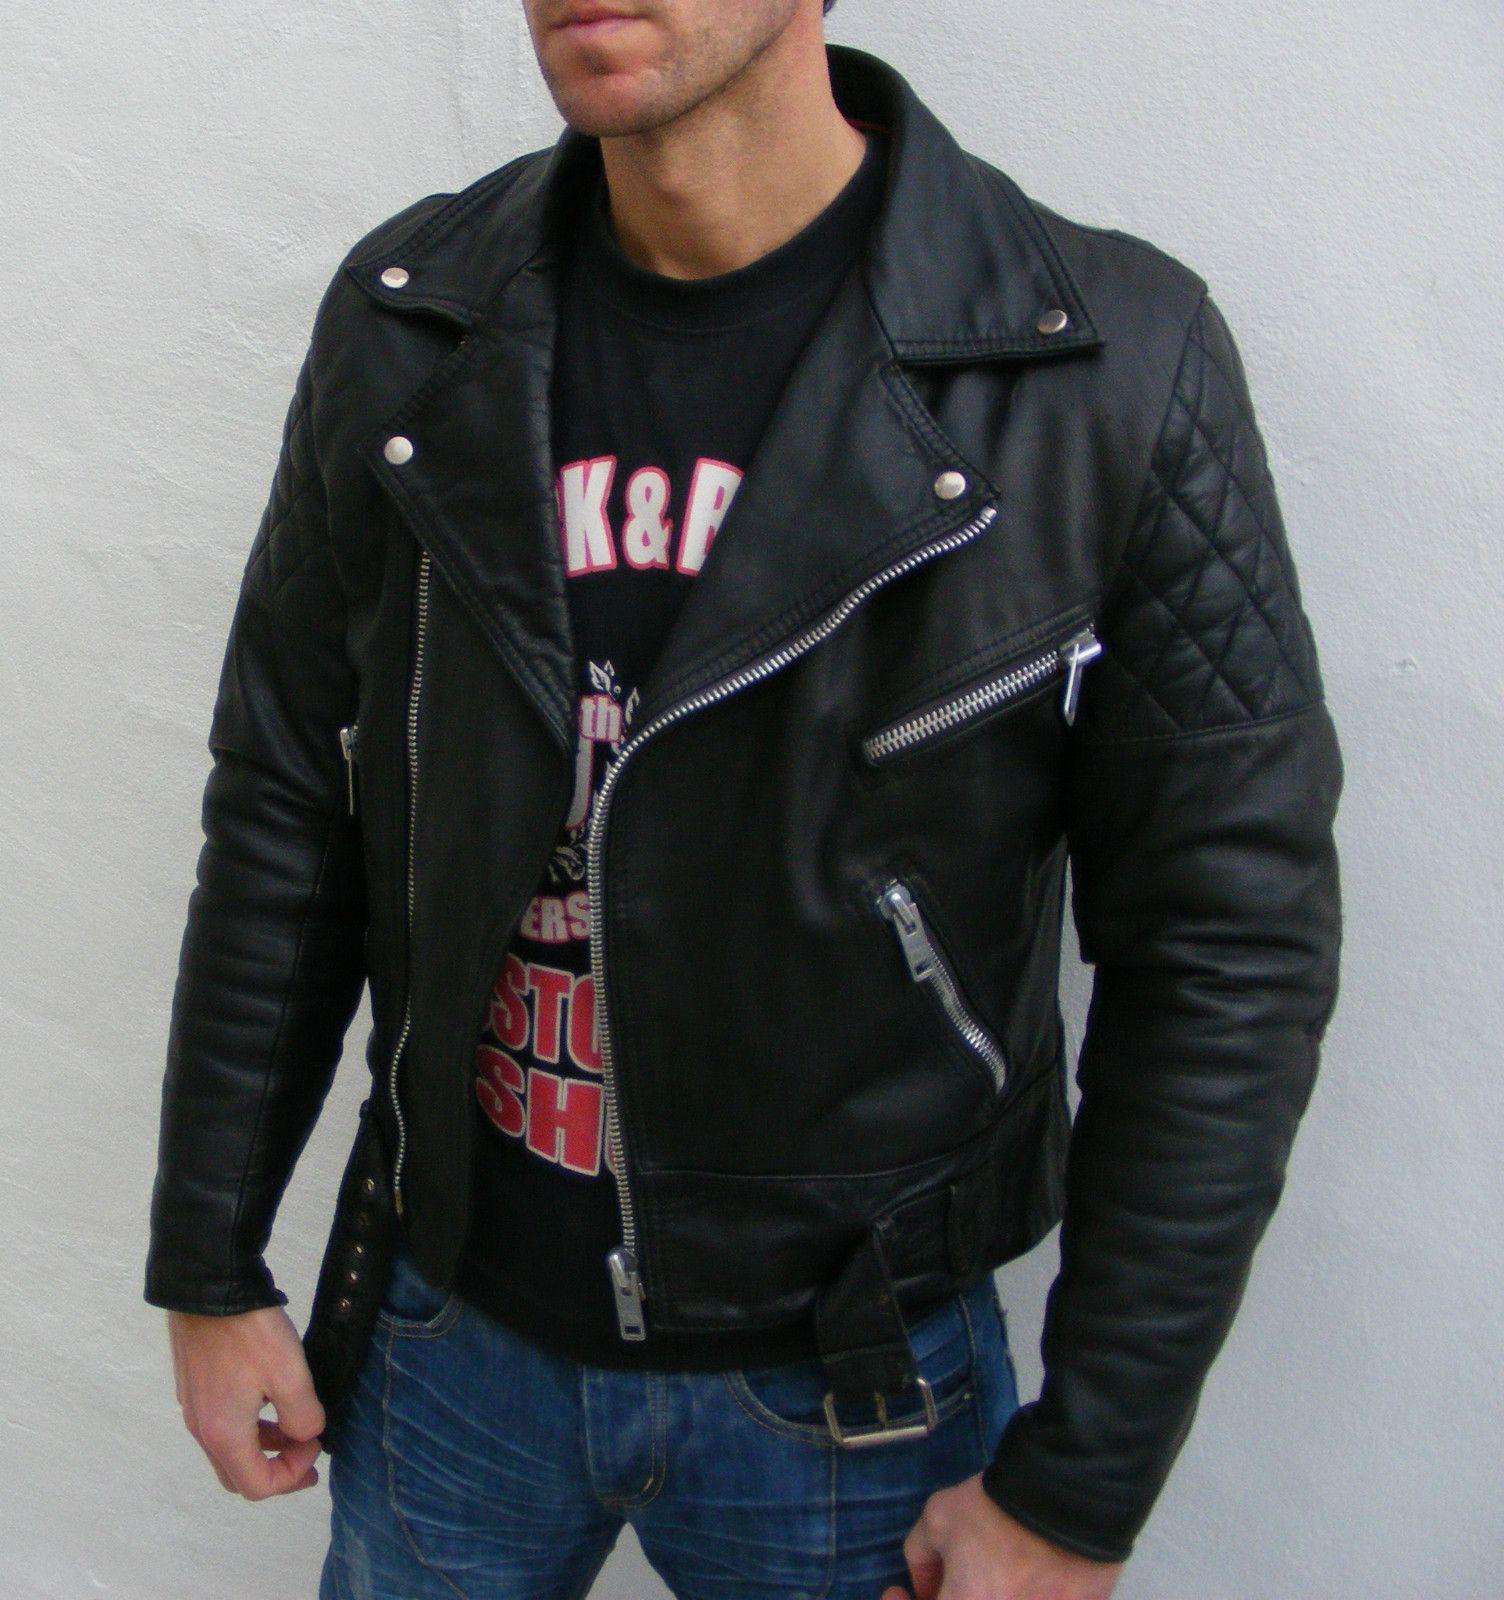 Belstaff Jacket (Black Leather Biker Cafe Racer Jackets